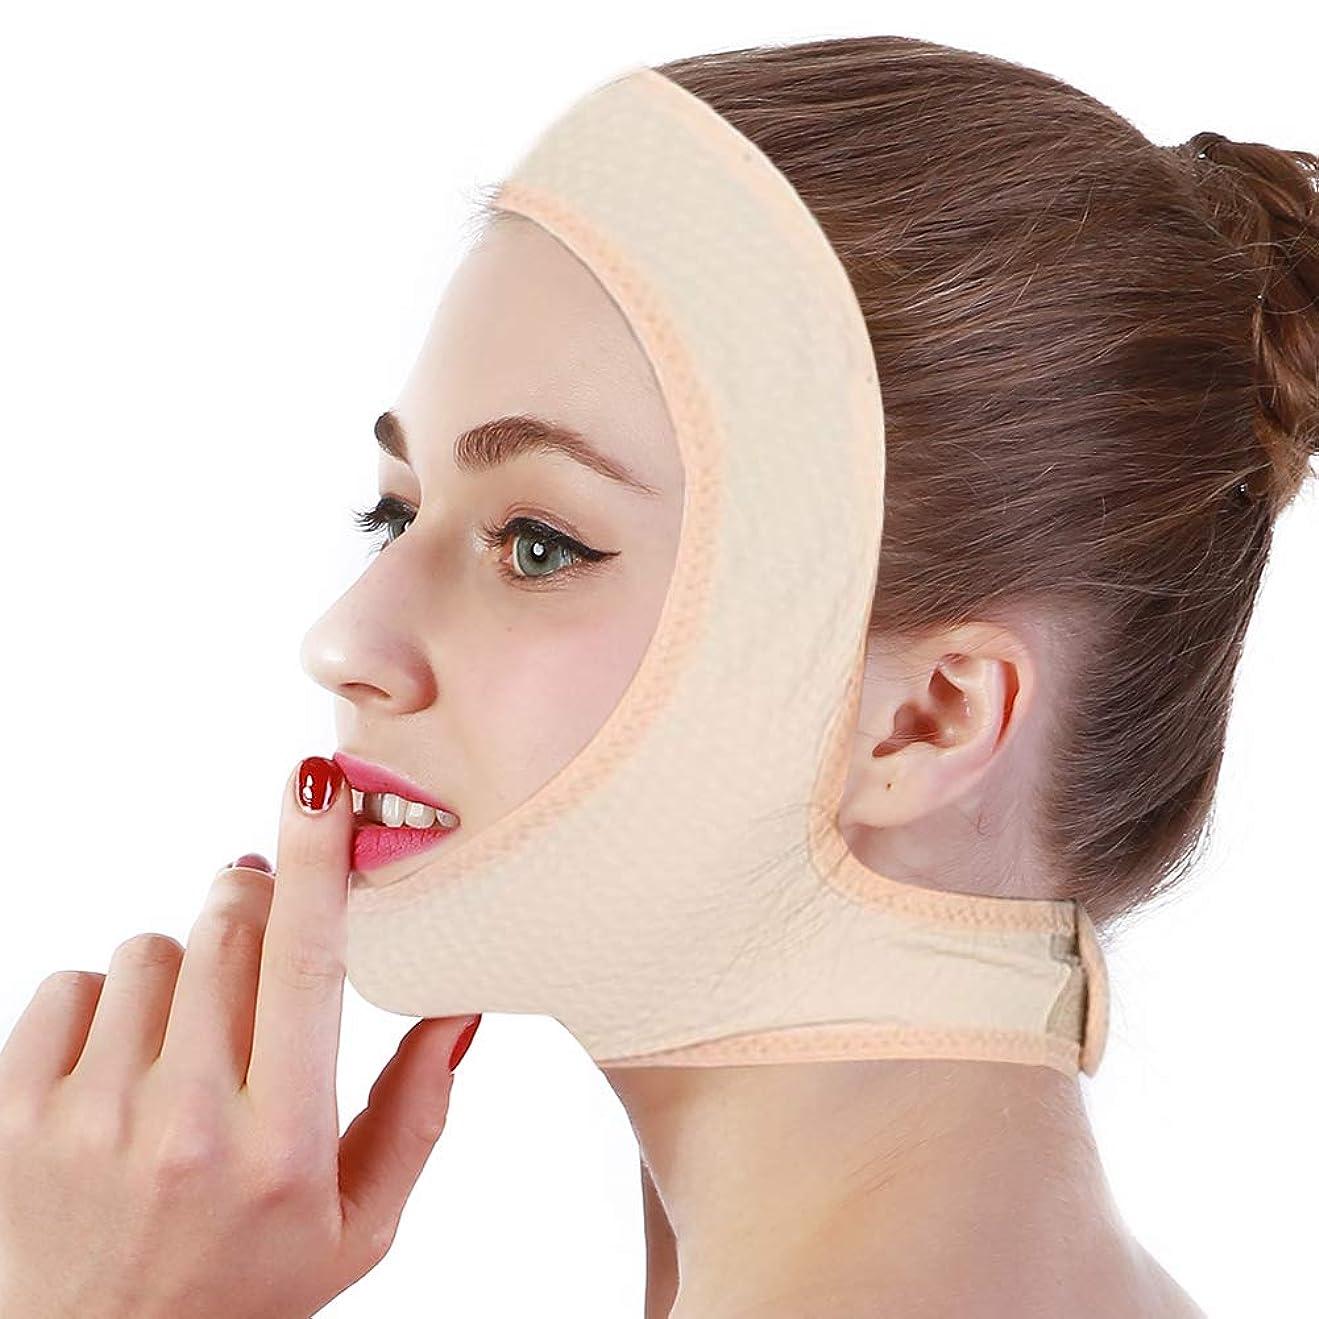 延期するフレアシロナガスクジラフェイスマッサージ肌の色フェイスリフティングマスク薄いあご矯正ツール顔の輪郭調整包帯